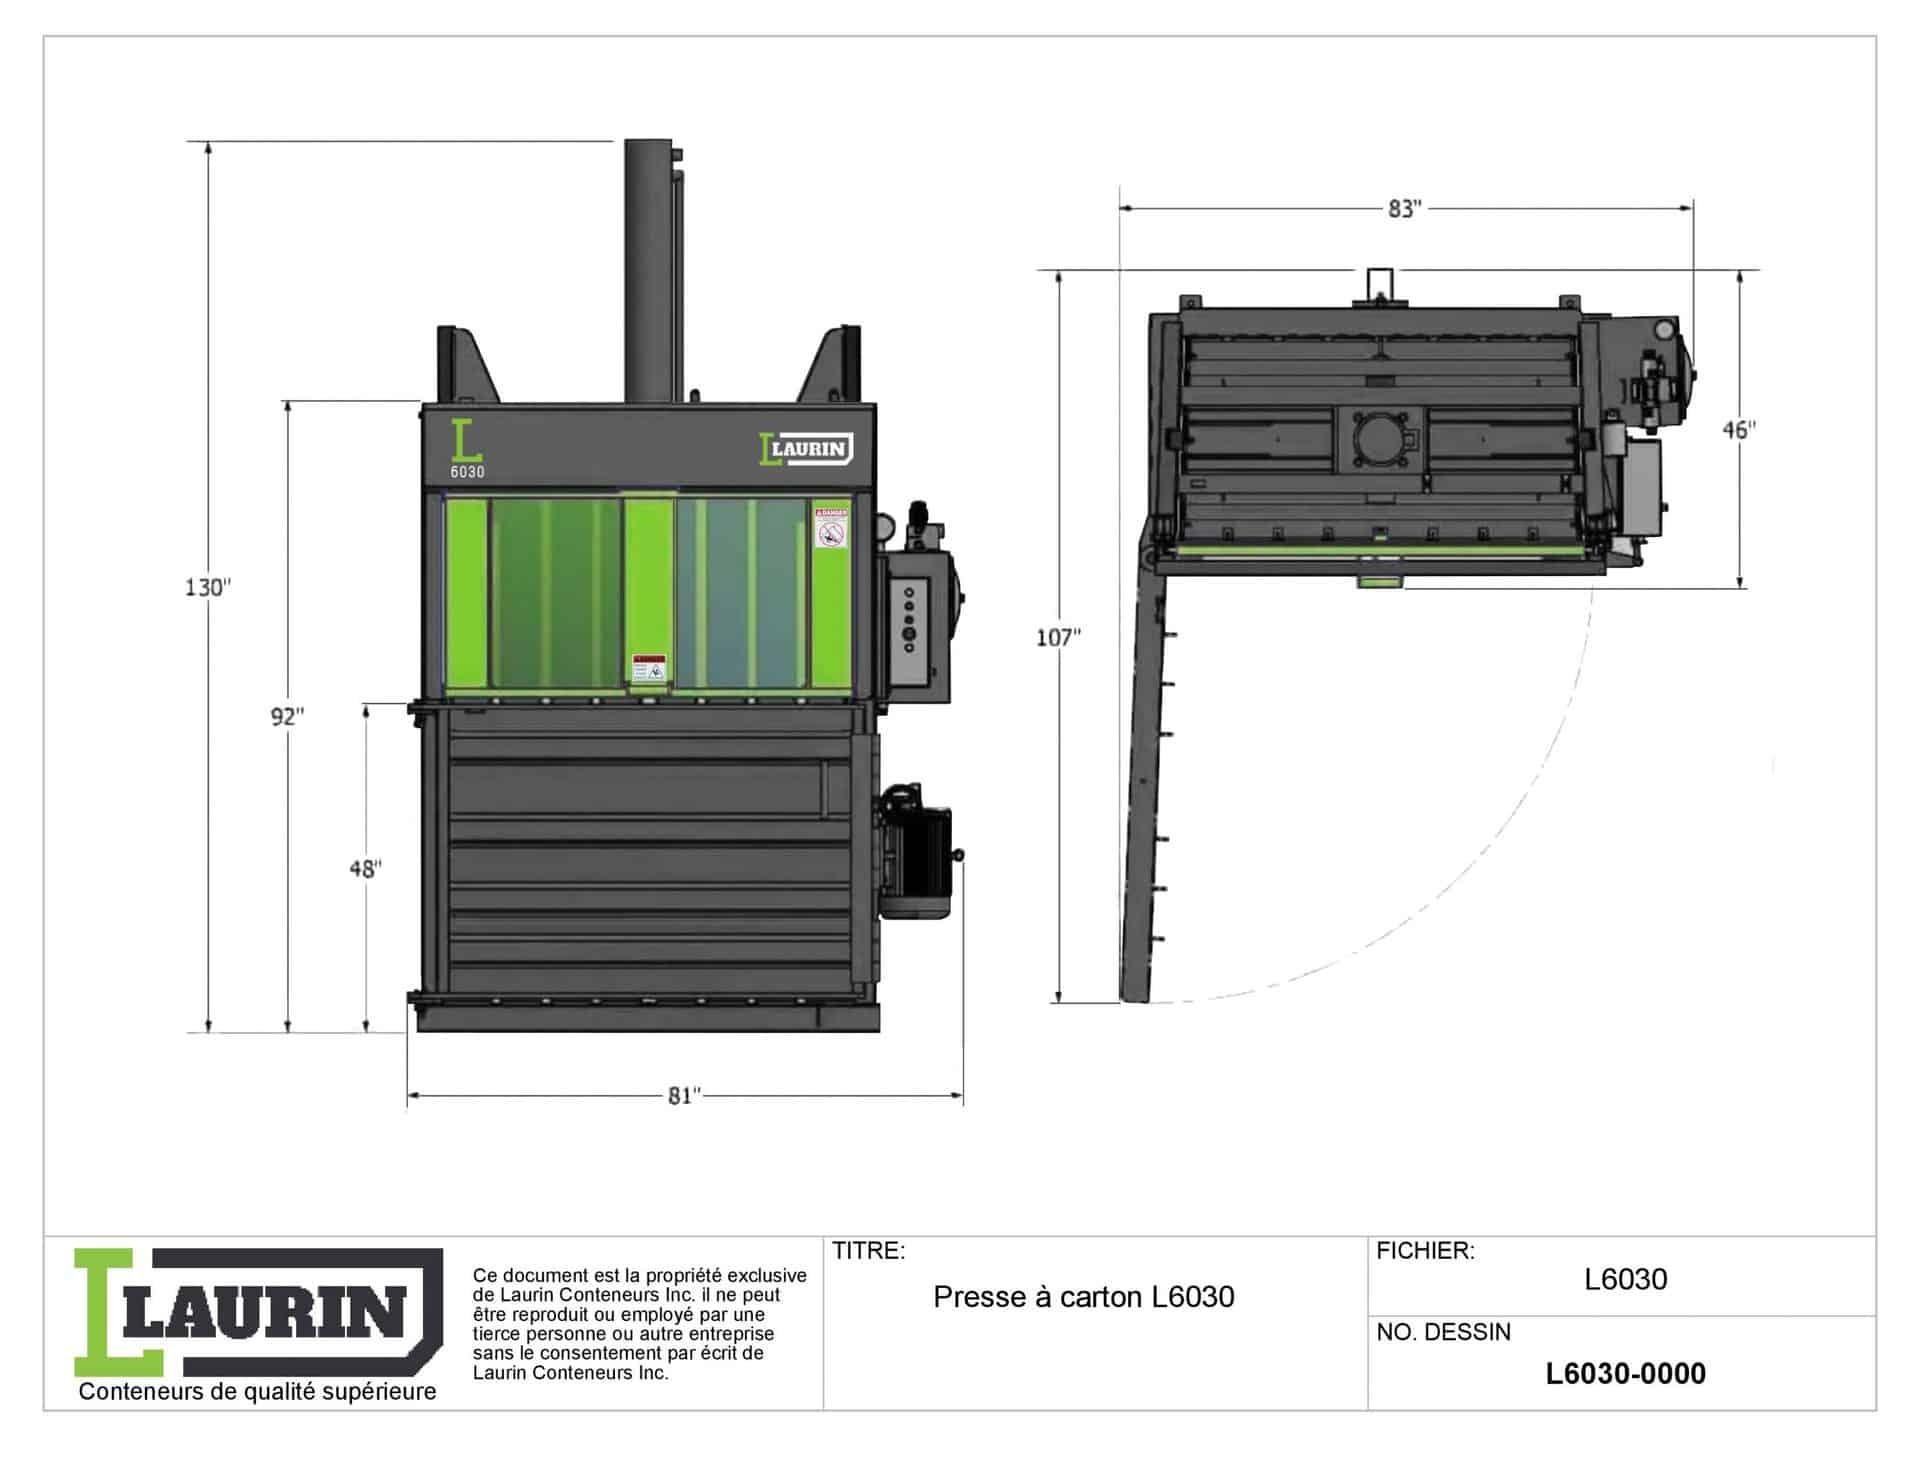 Dessin Technique Presse A Carton L6030